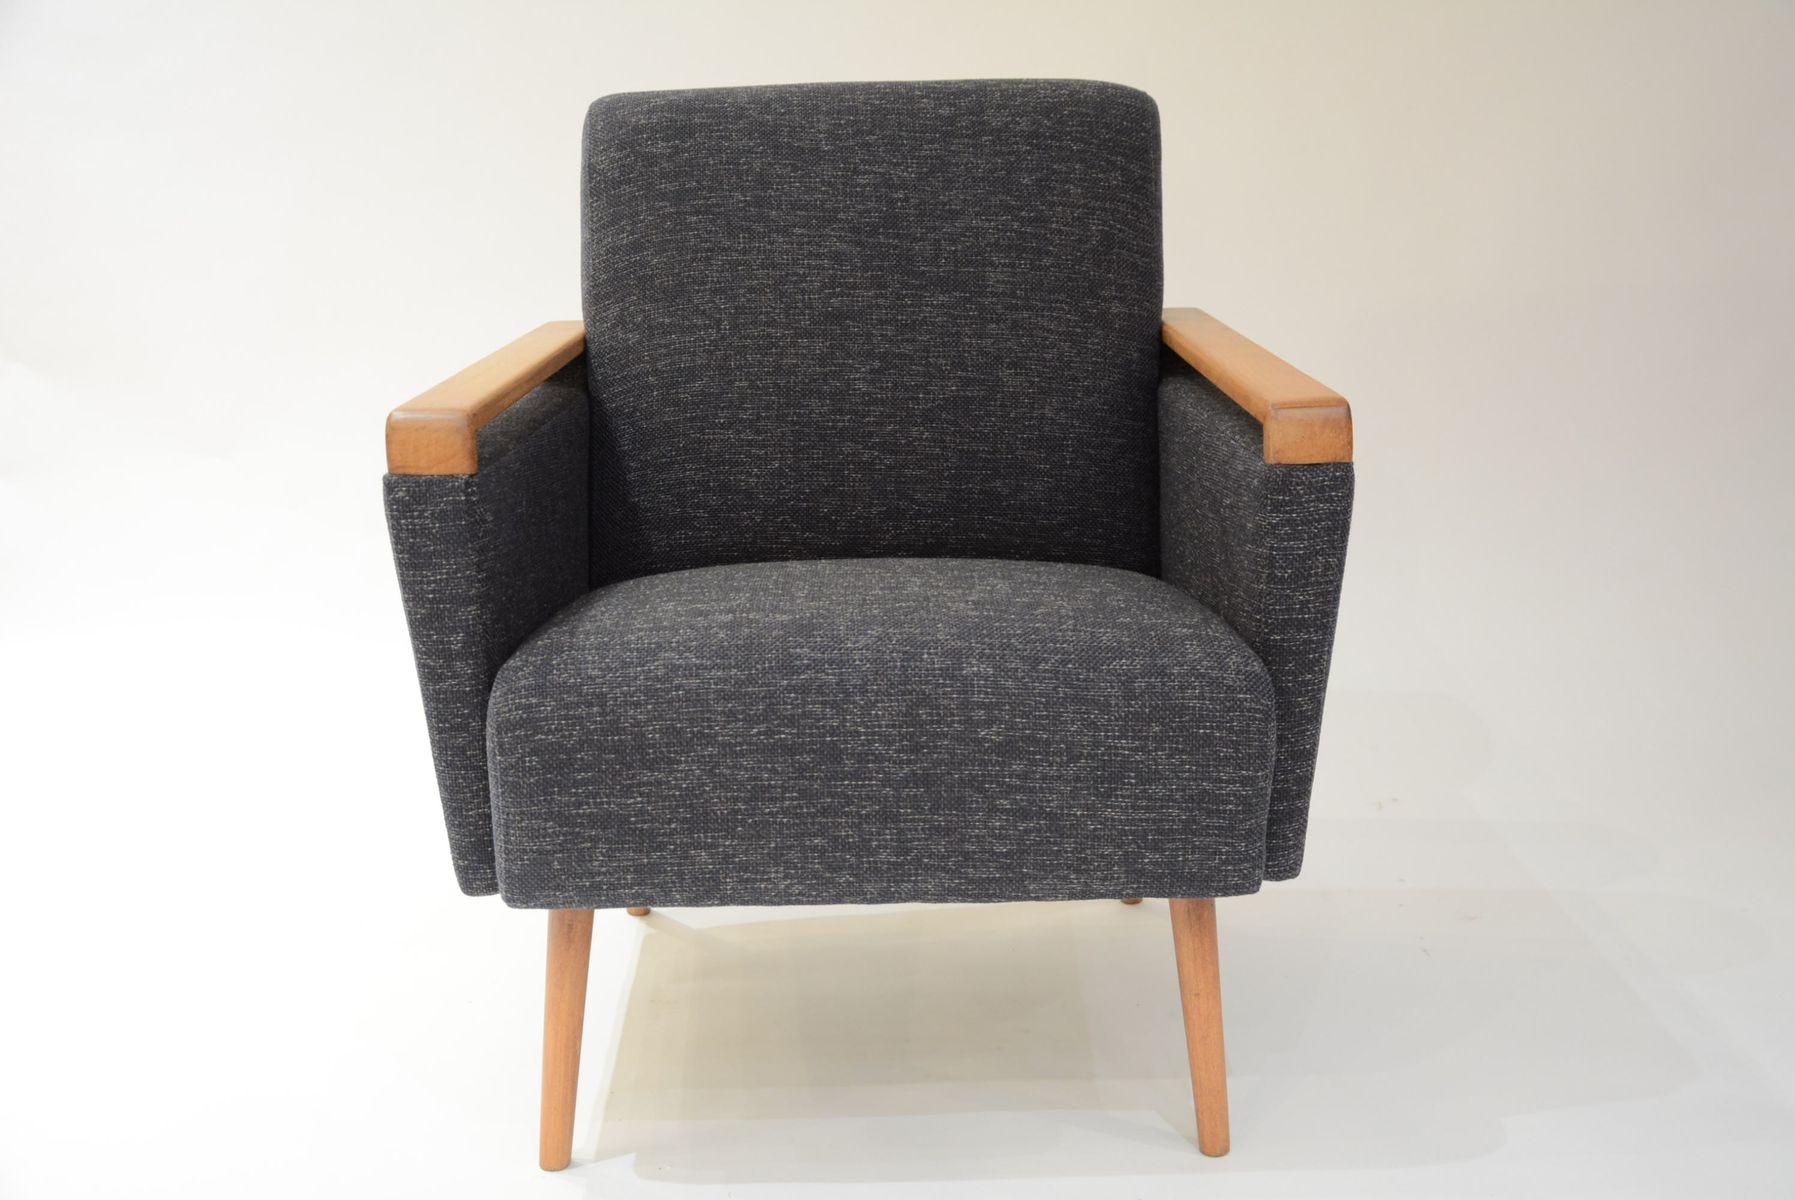 Graphite Colored Furniture   Www (Image 6 of 25)